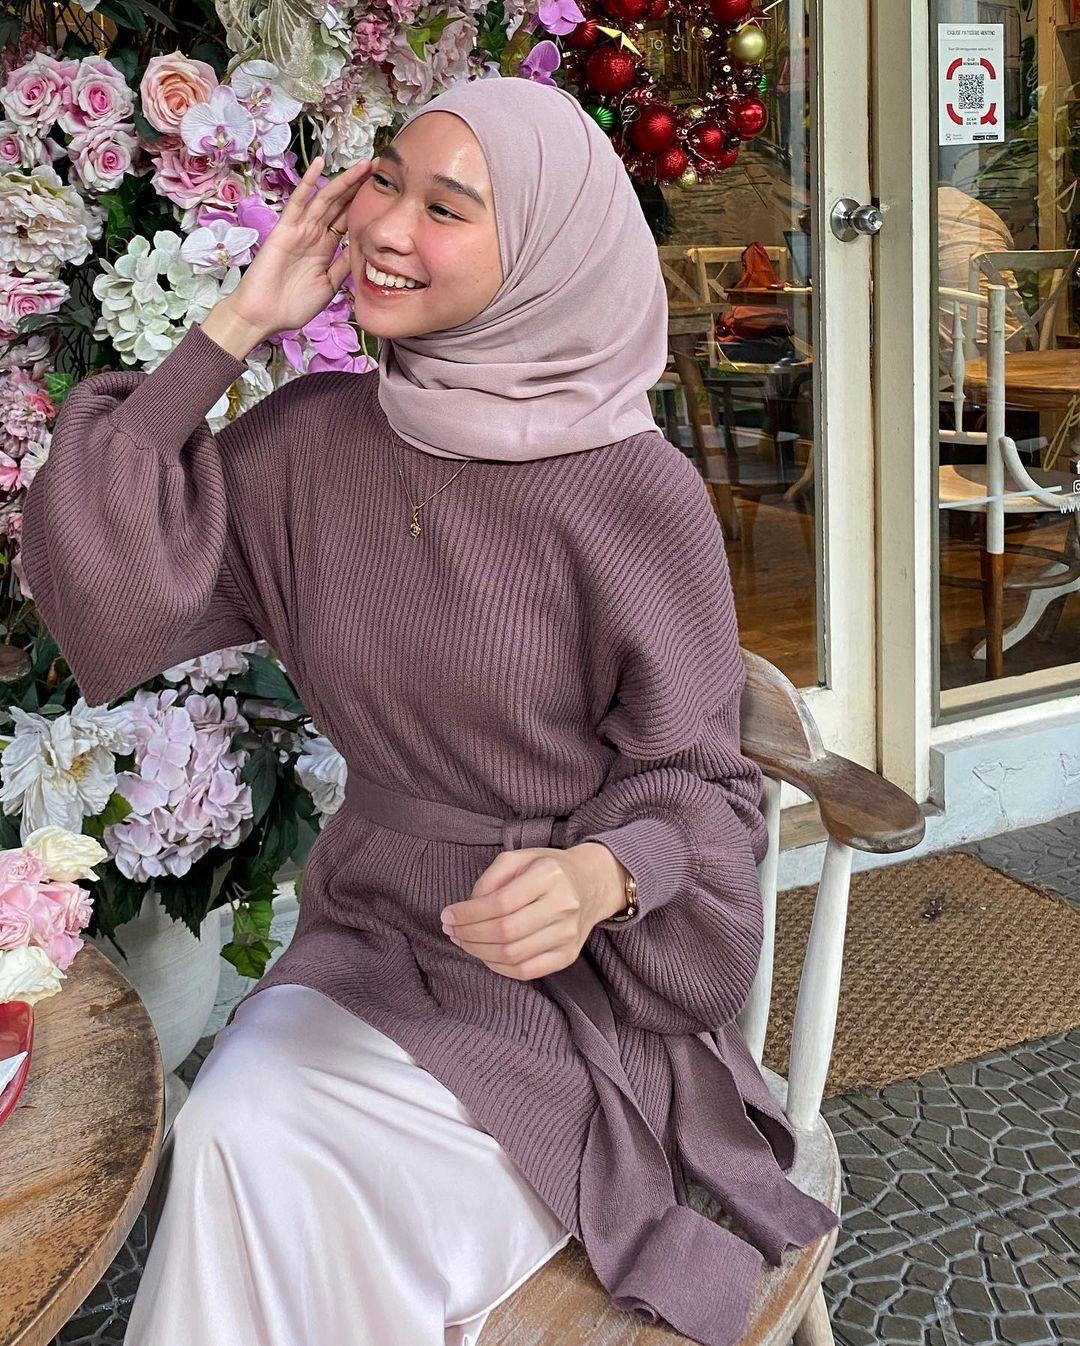 Deretan Warna Hijab yang Dapat Membuat Wajah Terlihat Lebih Cerah